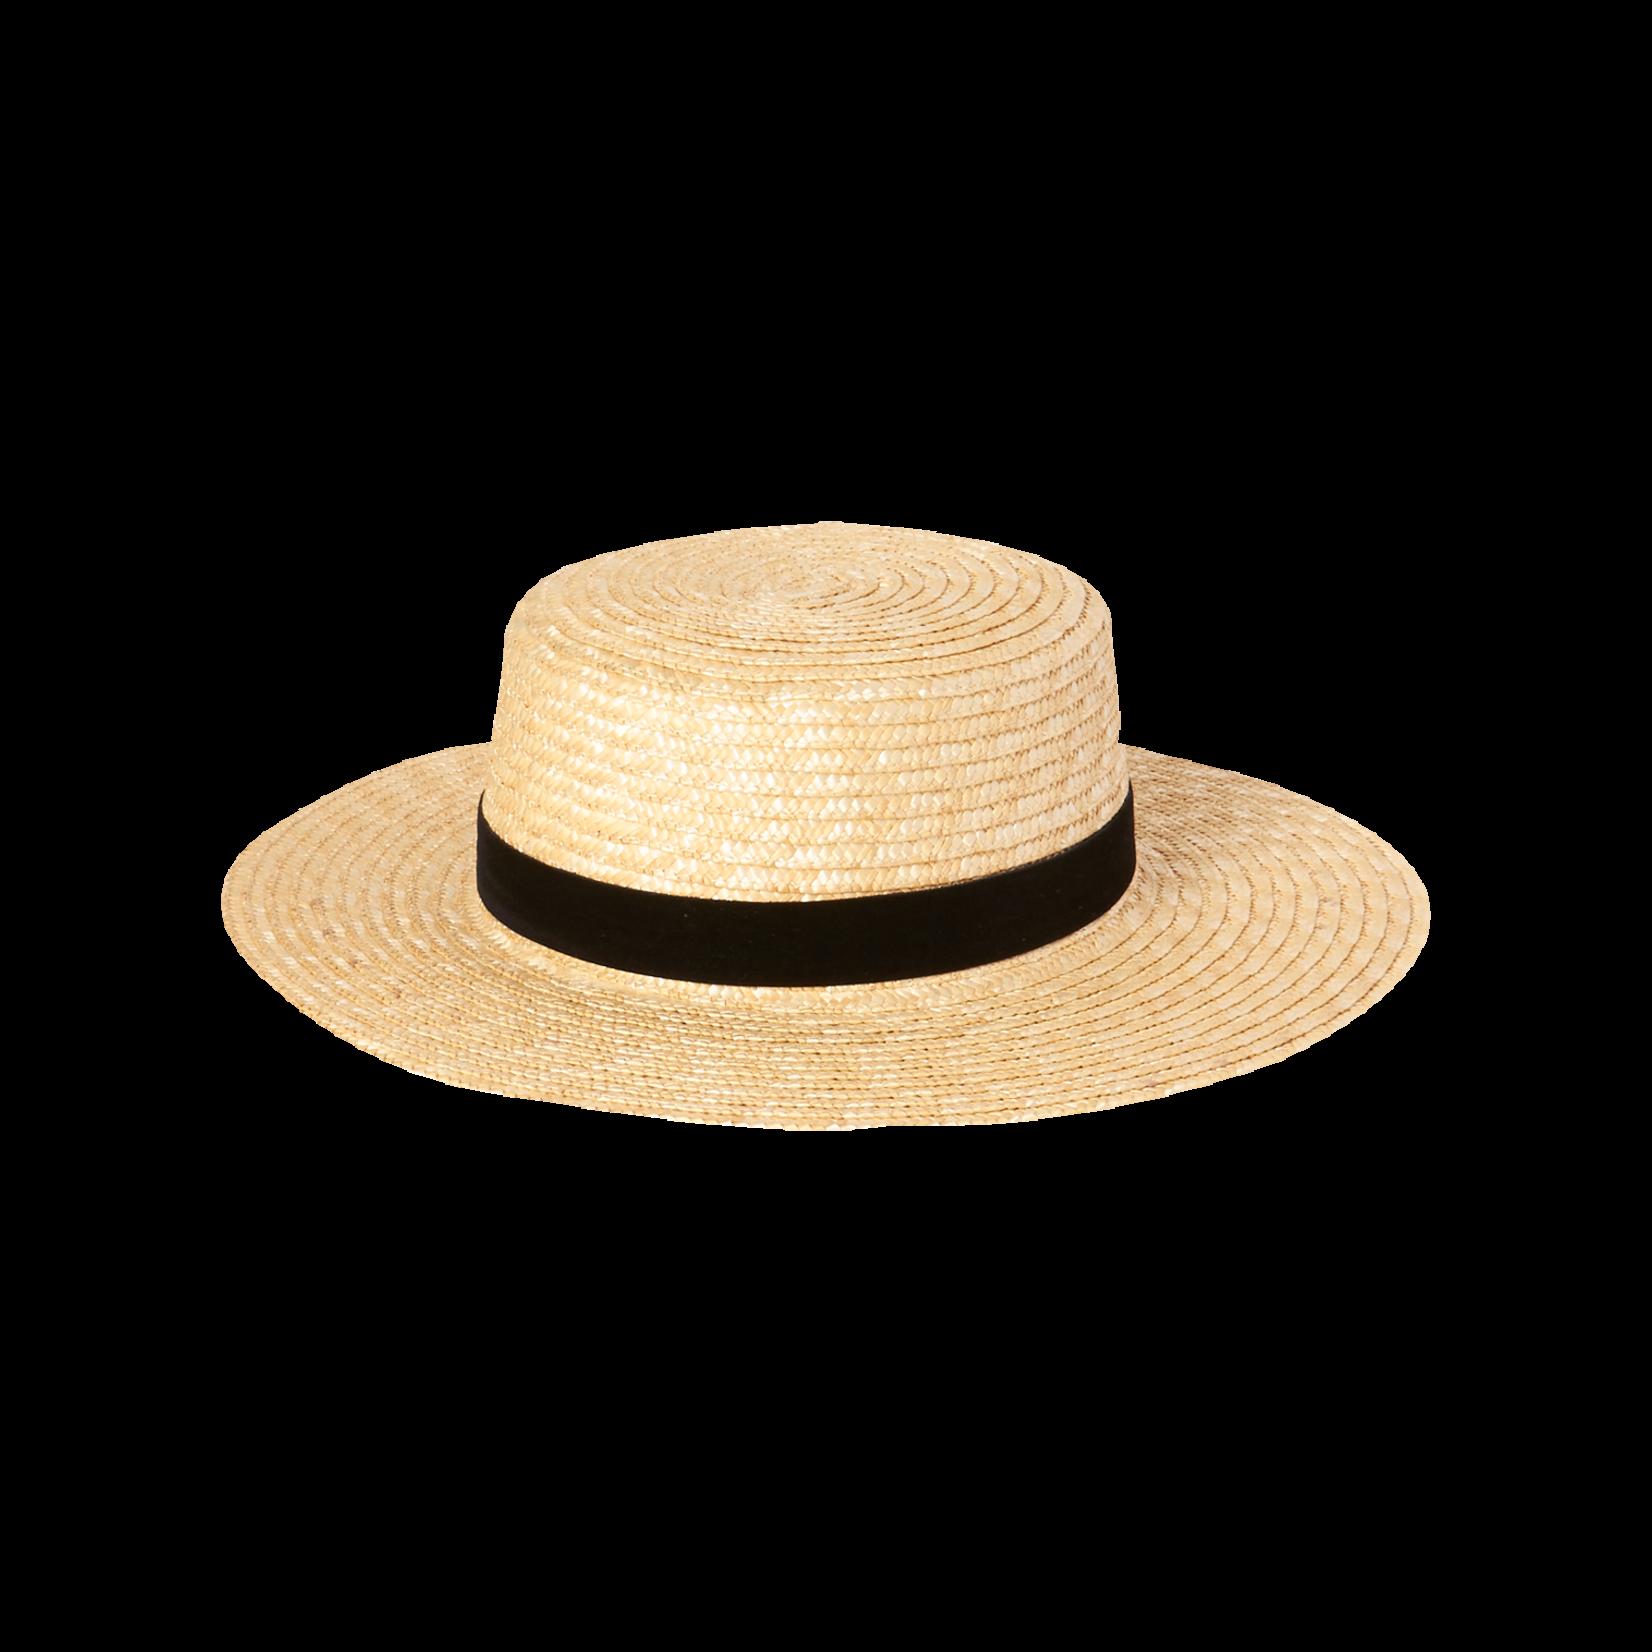 Kooringal Serena Wide Brim Hat